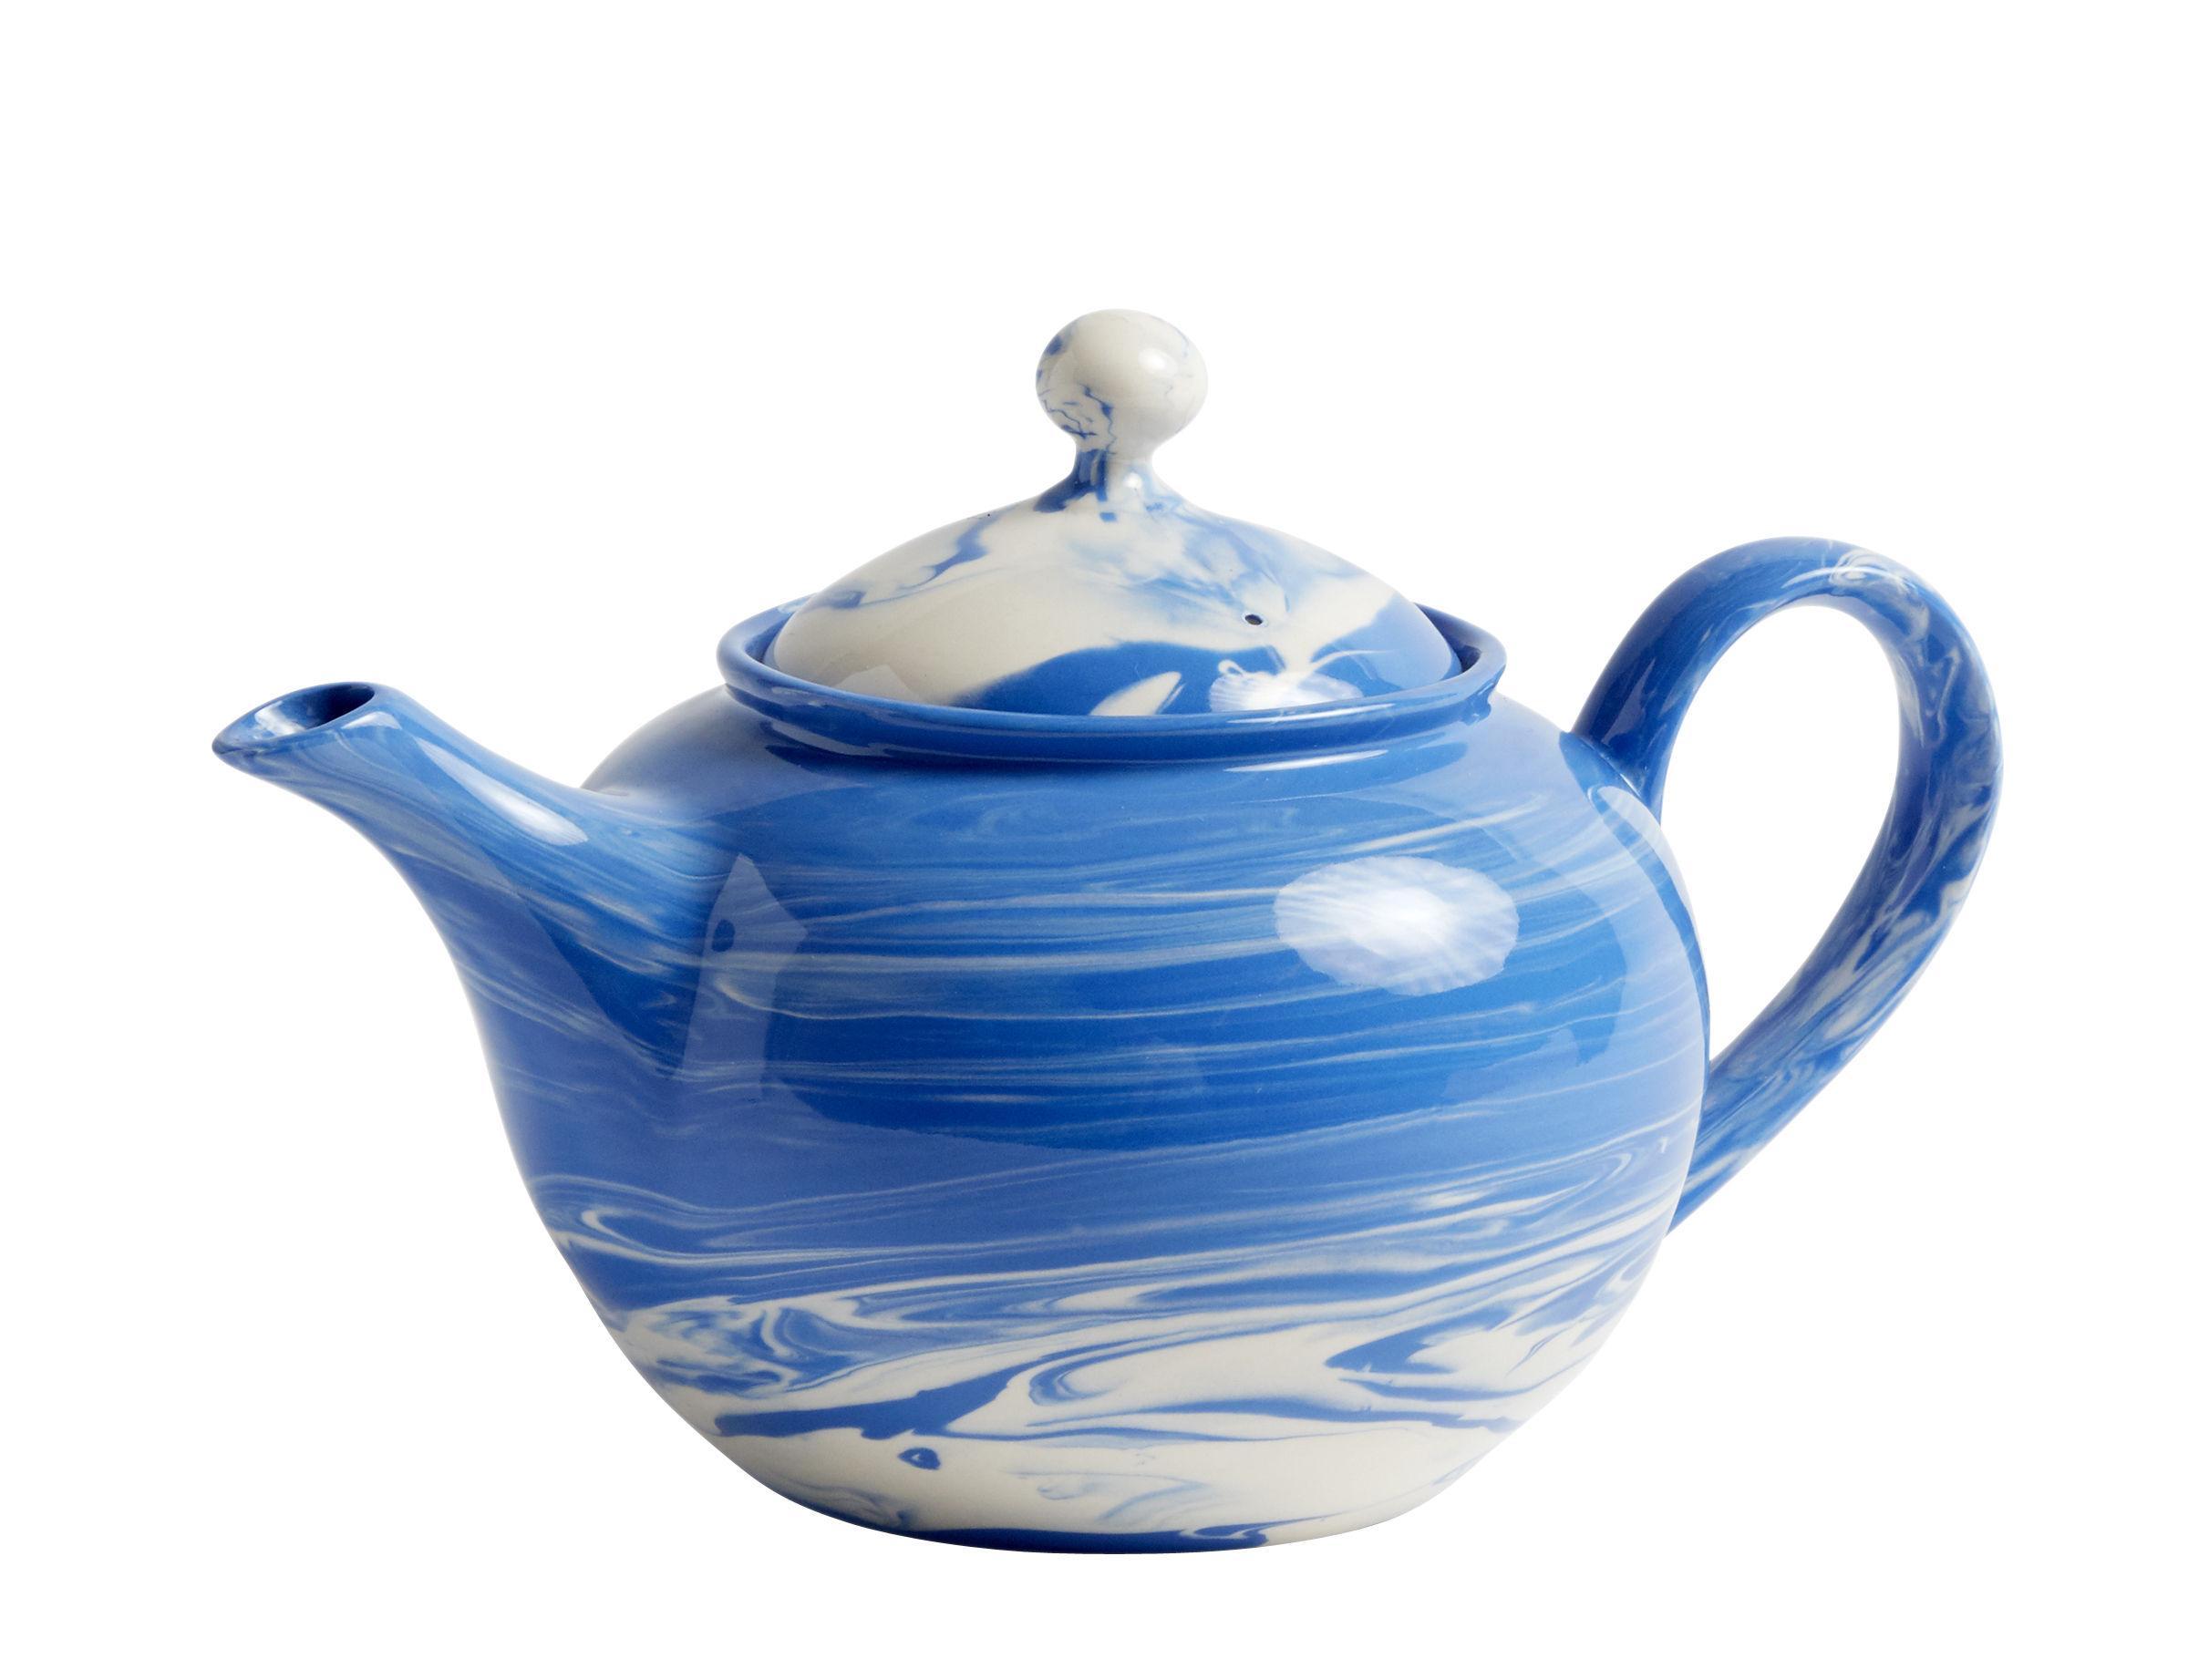 Arts de la table - Thé et café - Théière Marbled / 0.8 L - Porcelaine - Hay - Bleu - Grès, Porcelaine